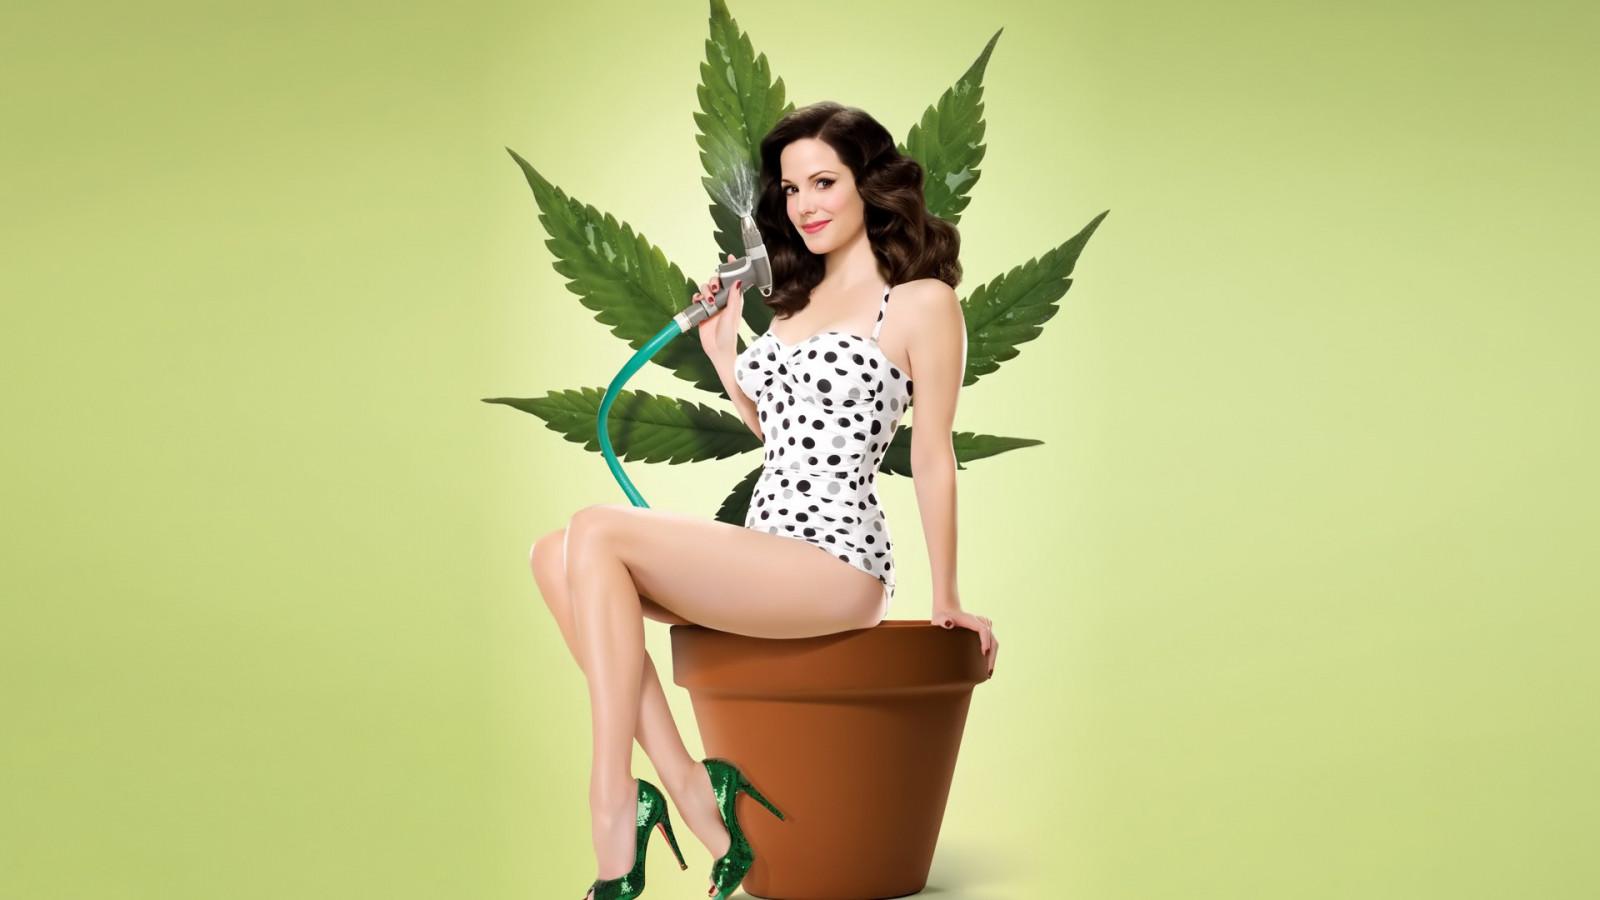 Обои конопля девушки марихуана температурах курить можно при